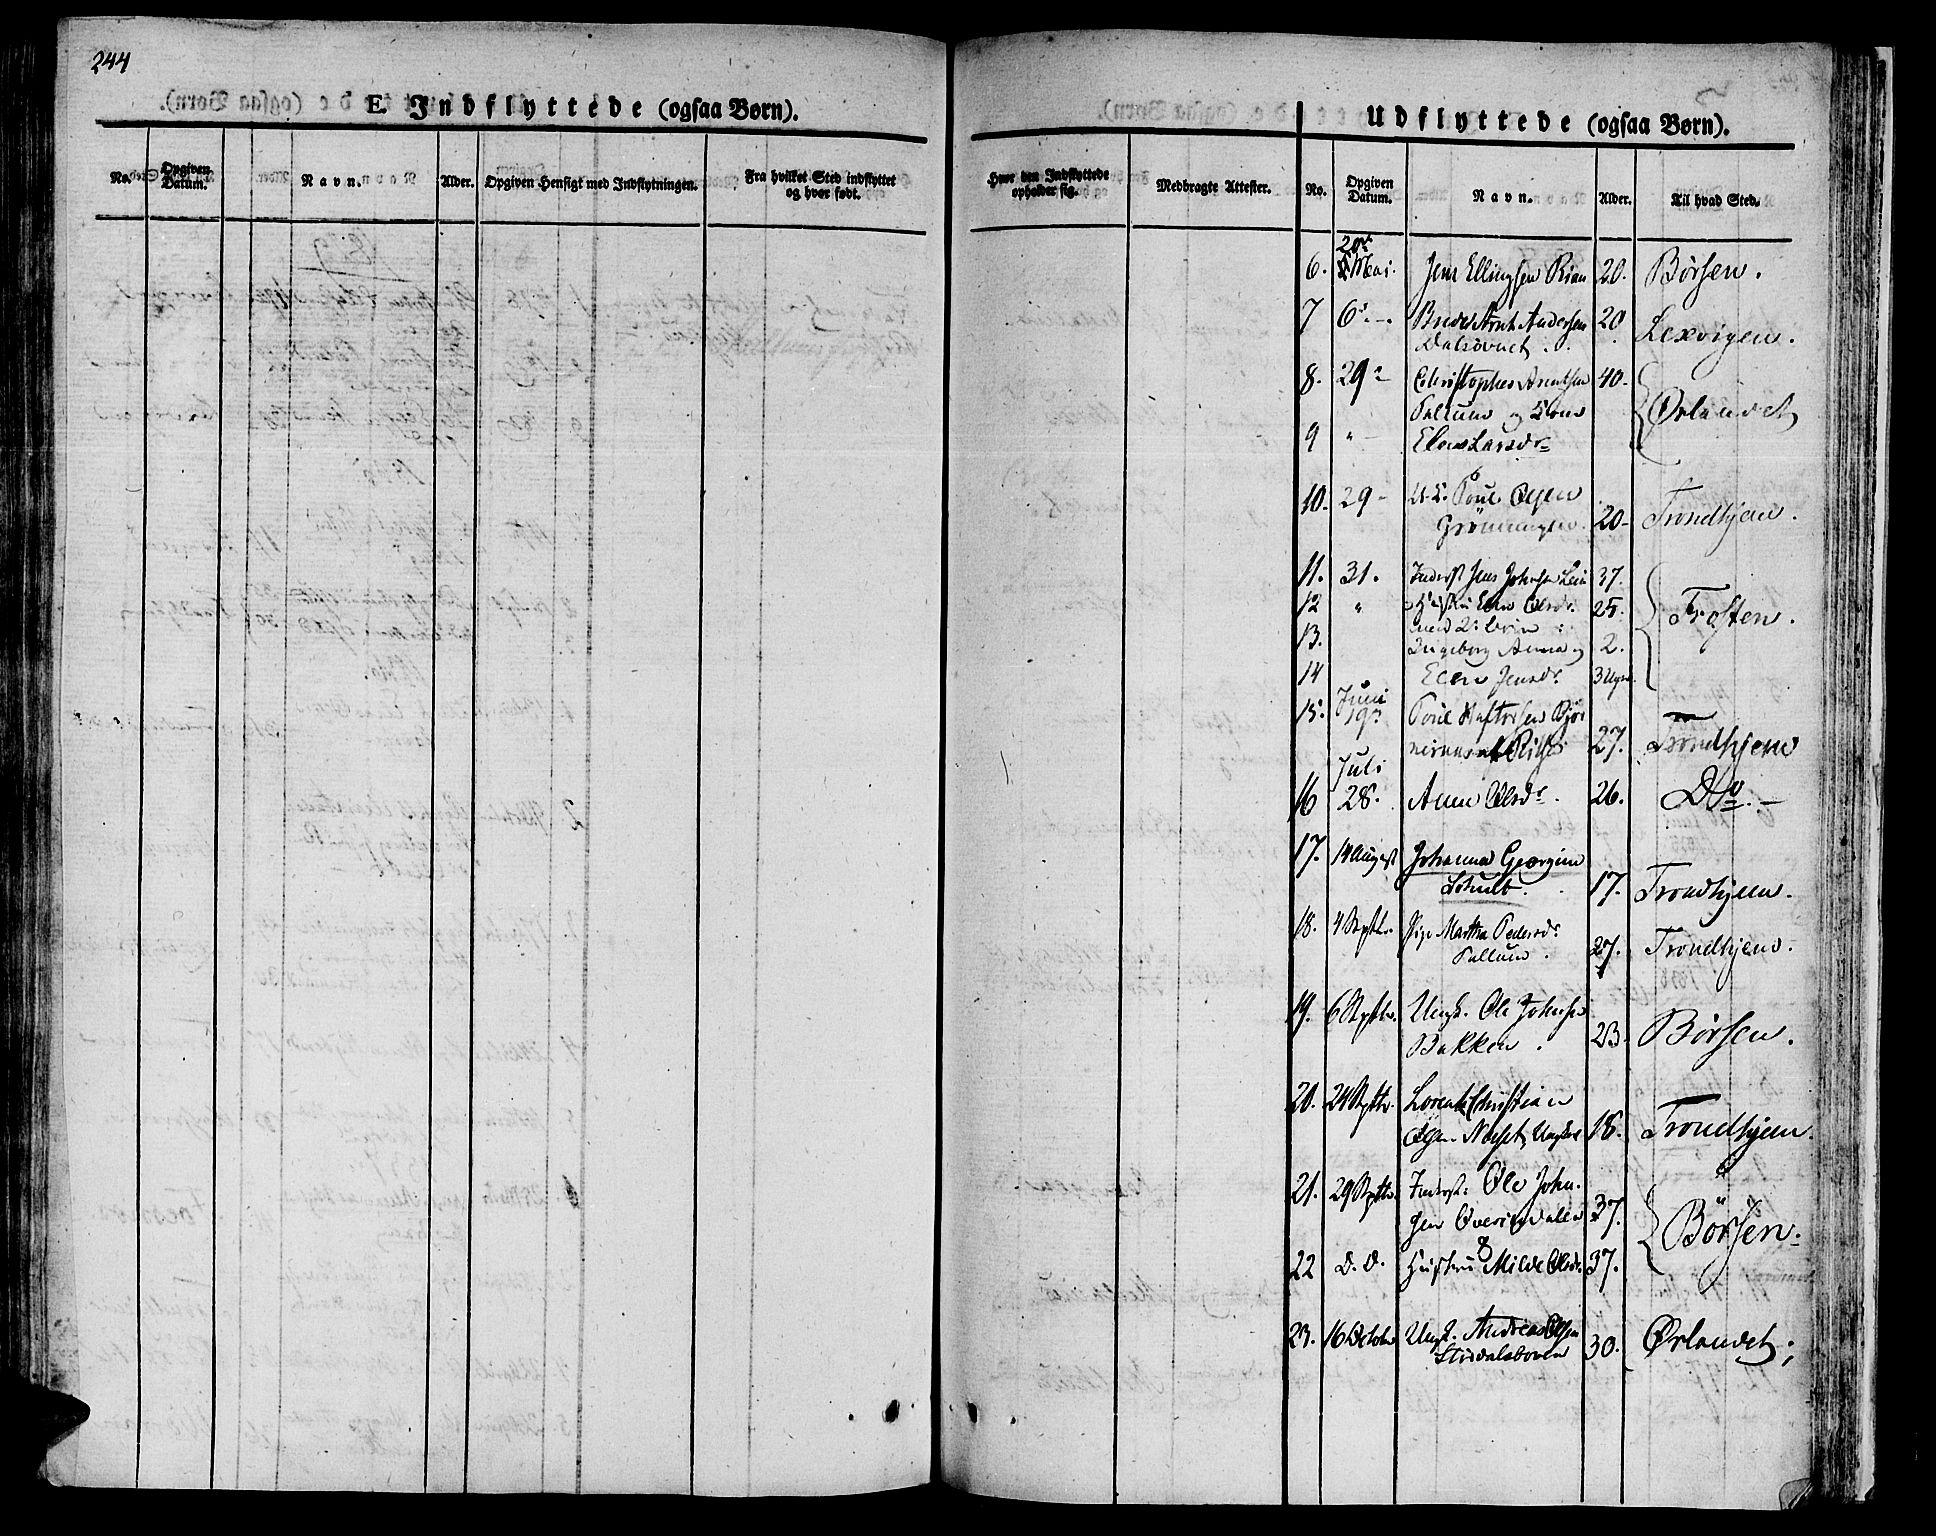 SAT, Ministerialprotokoller, klokkerbøker og fødselsregistre - Sør-Trøndelag, 646/L0609: Ministerialbok nr. 646A07, 1826-1838, s. 244